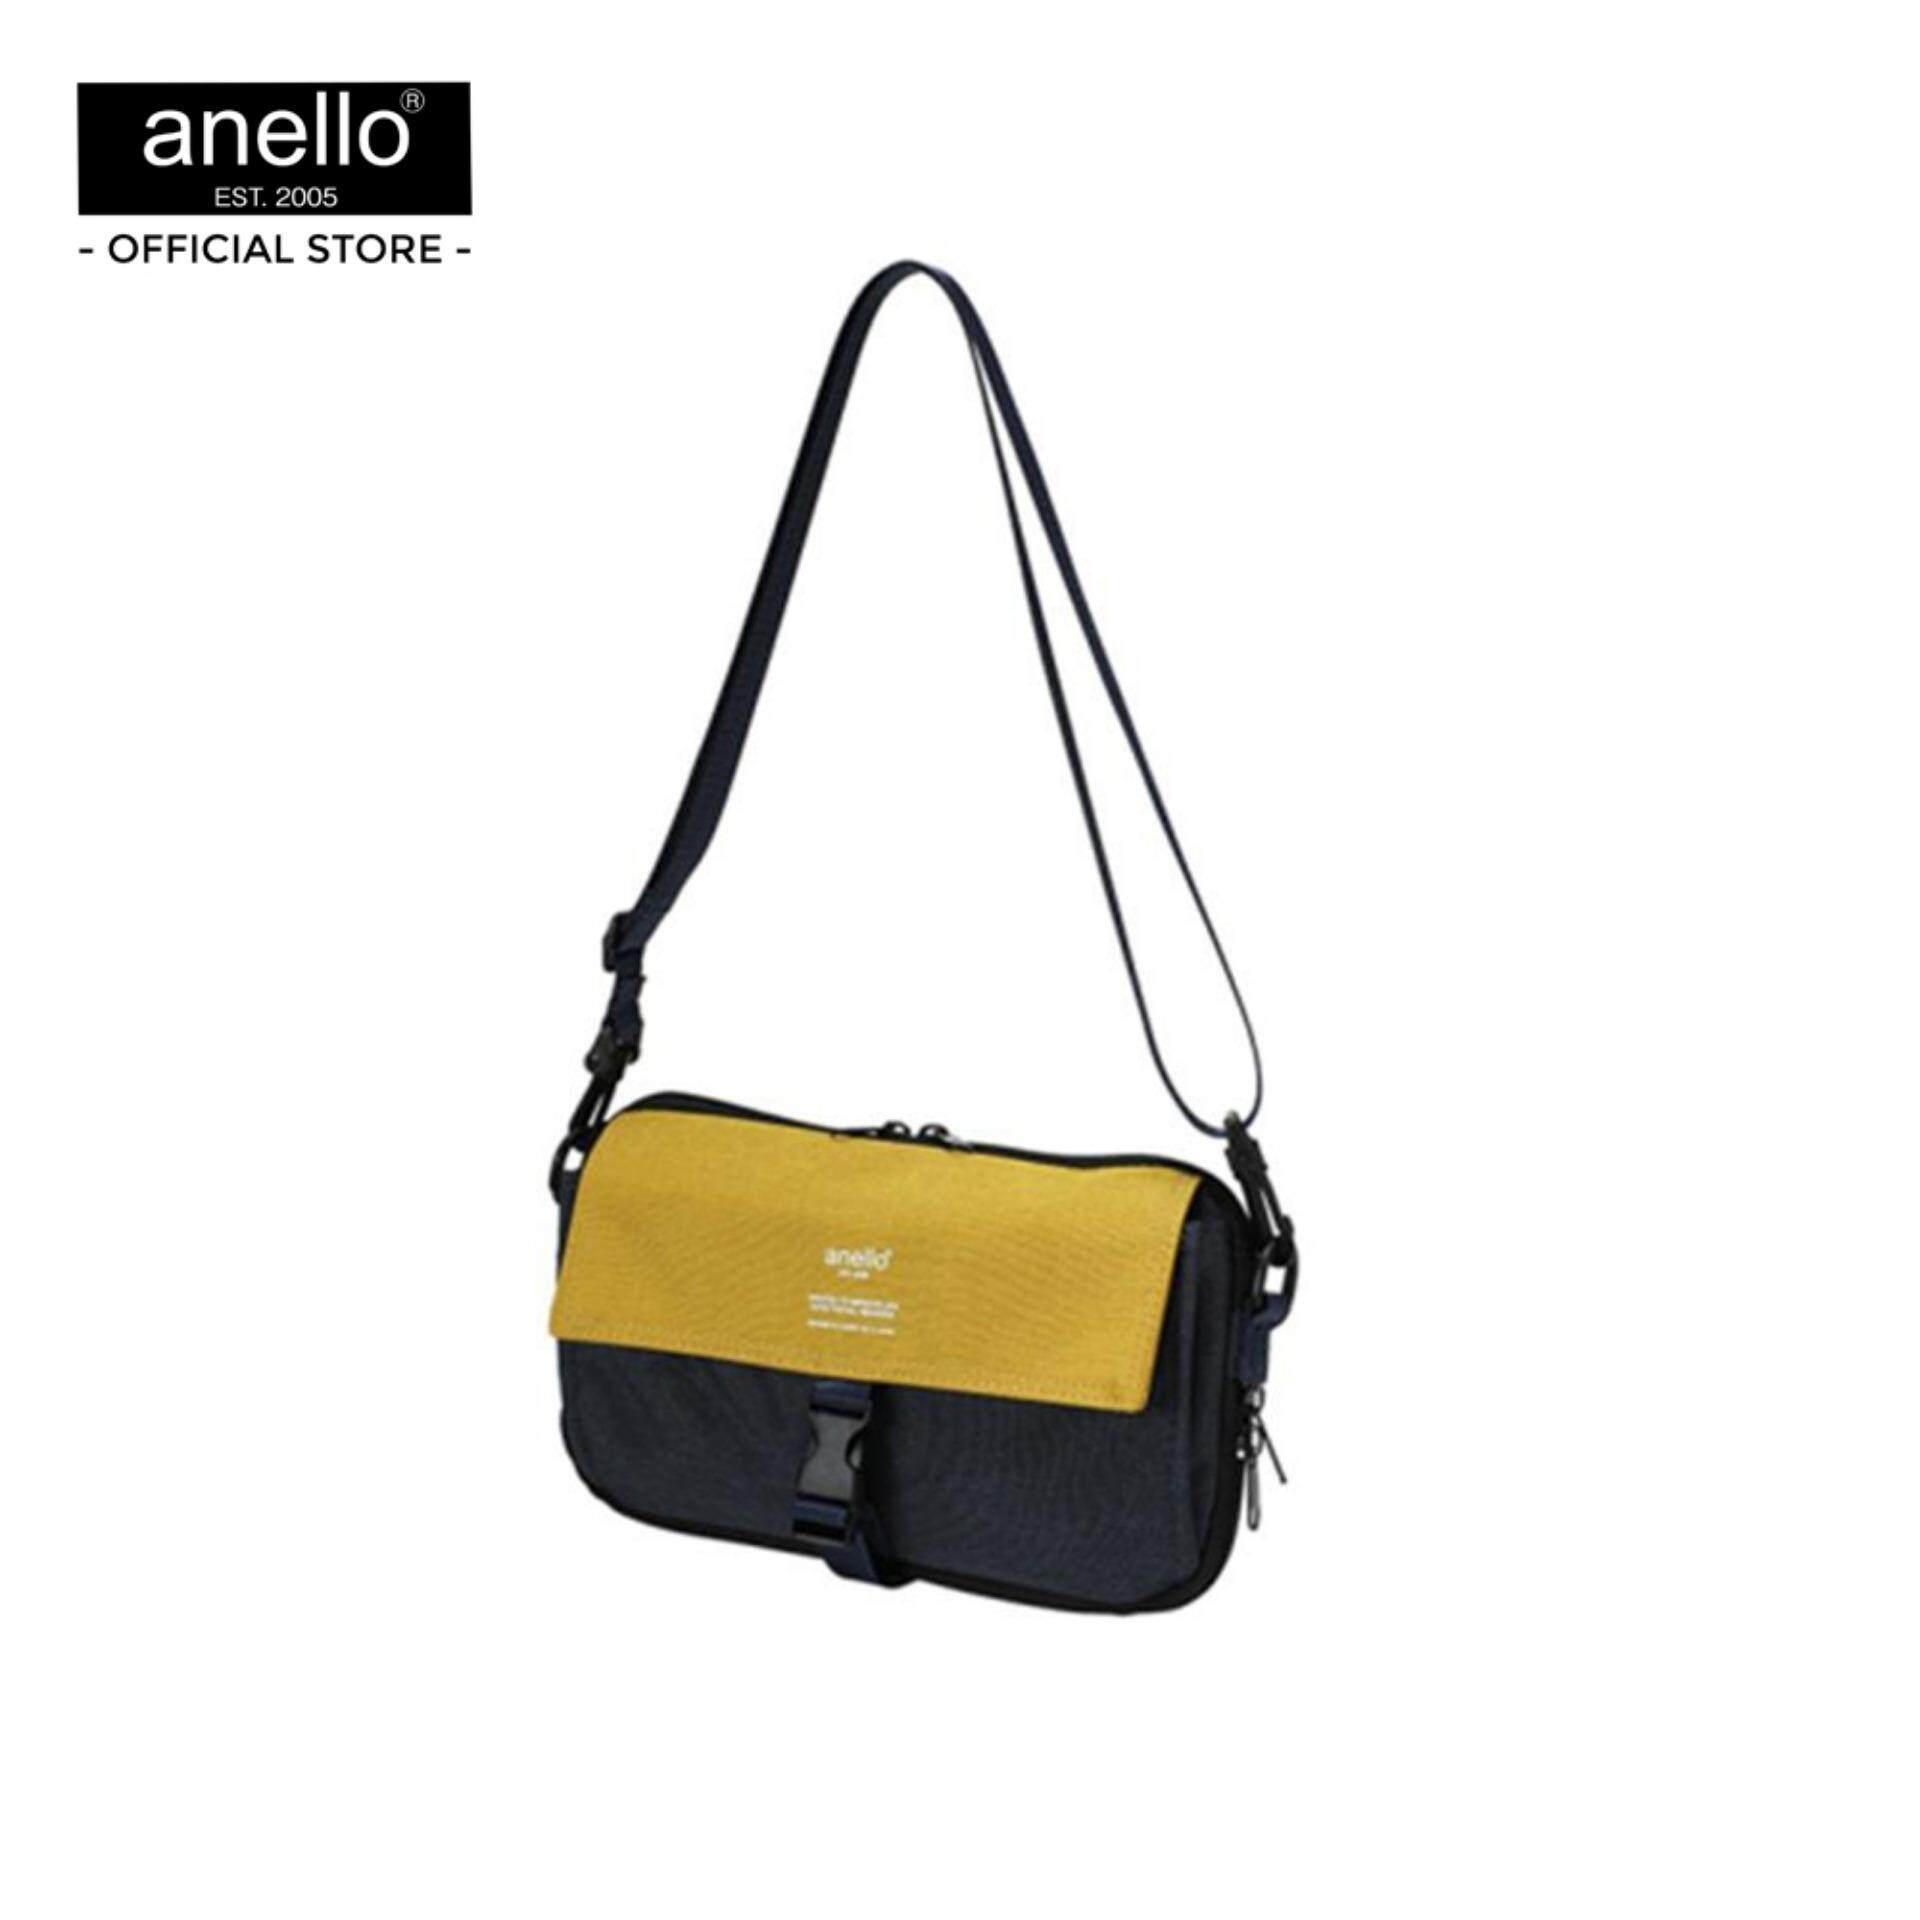 ยี่ห้อไหนดี  พระนครศรีอยุธยา anello กระเป๋า สะพายข้าง tone Mini Shoulder Bag_AT-H1152